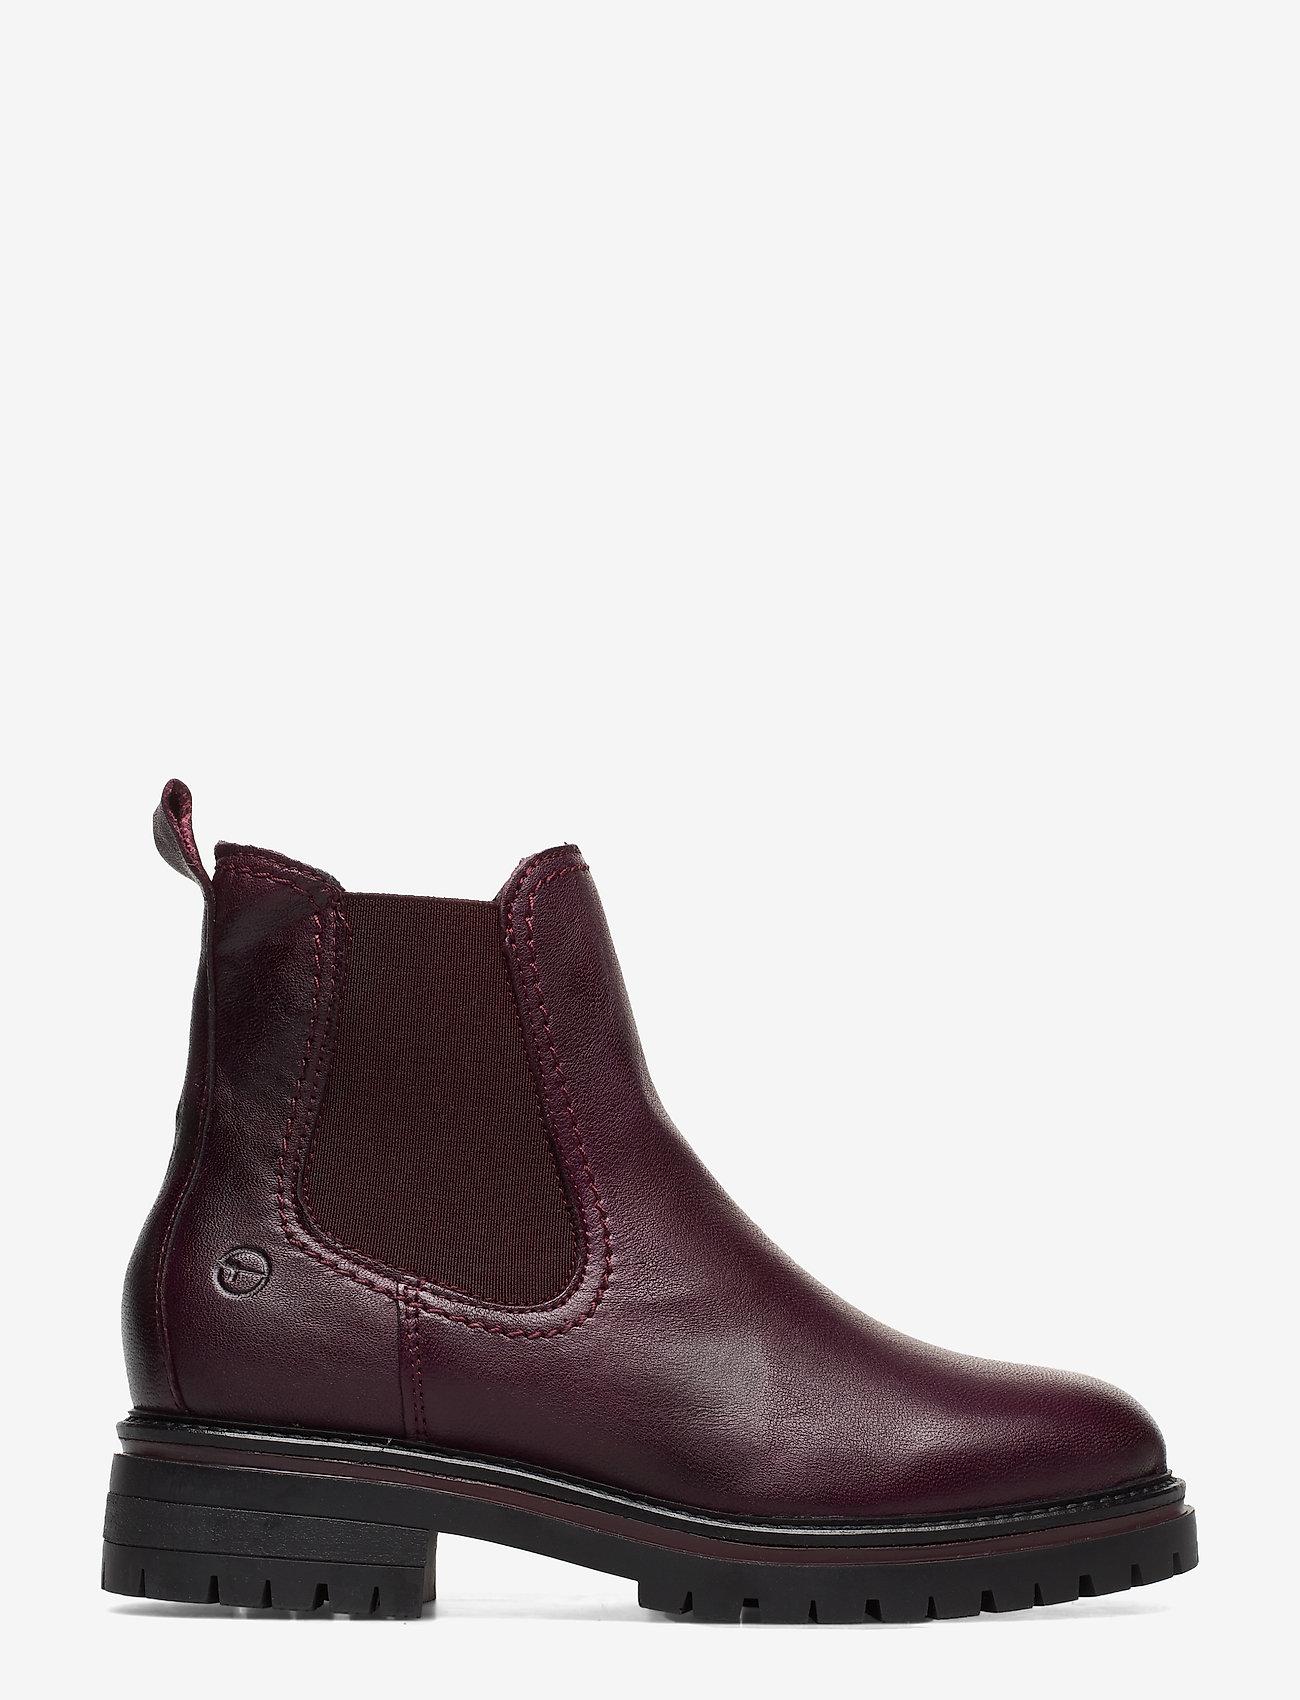 Woms Boots (Bordeaux Leath) - Tamaris TCAD6a